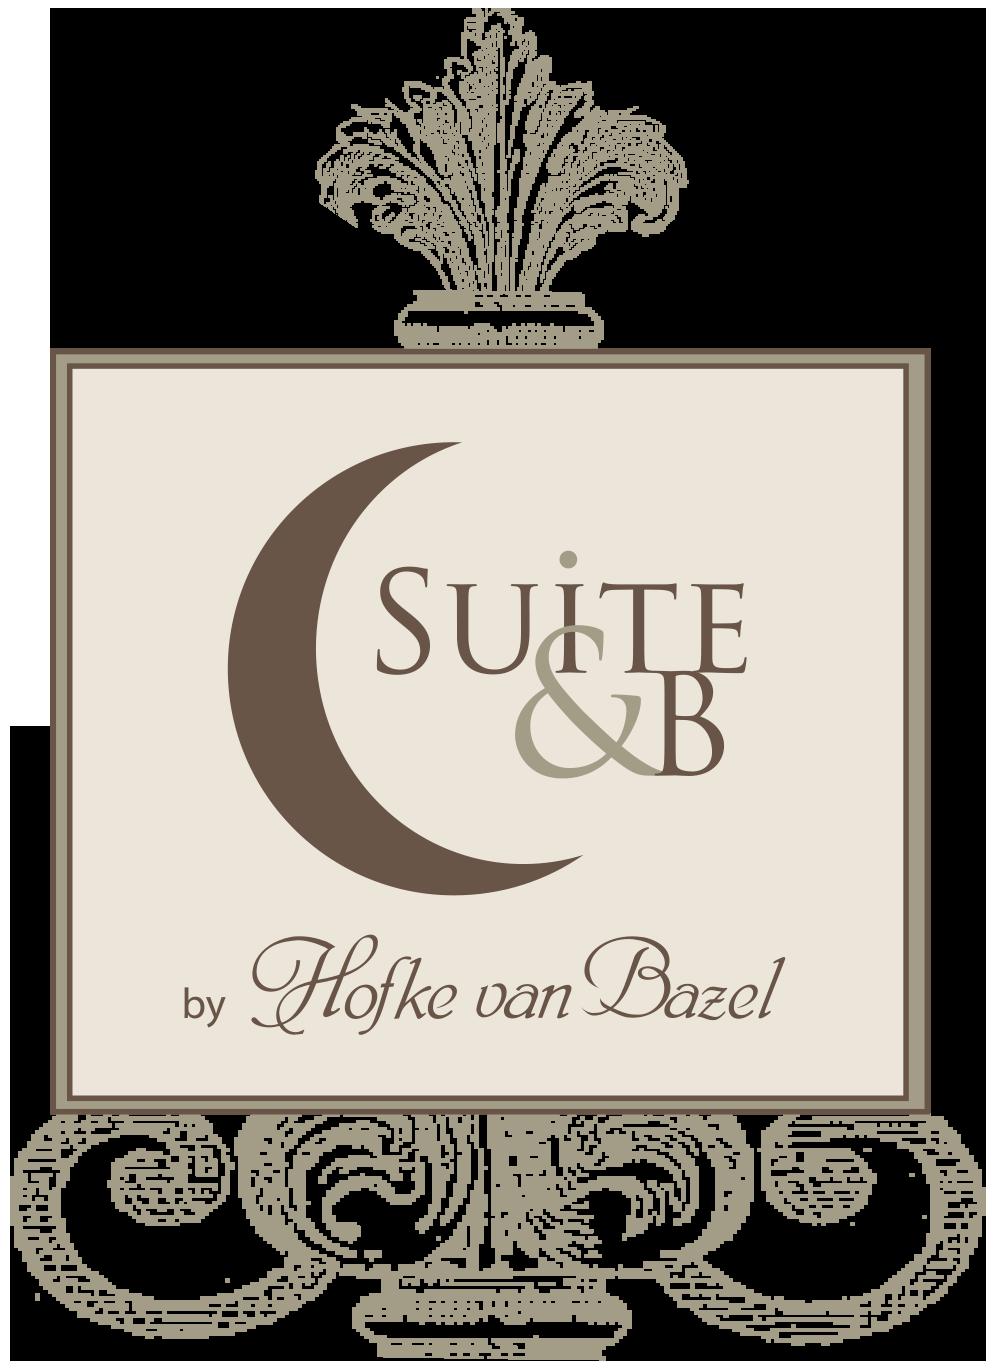 Suite & B